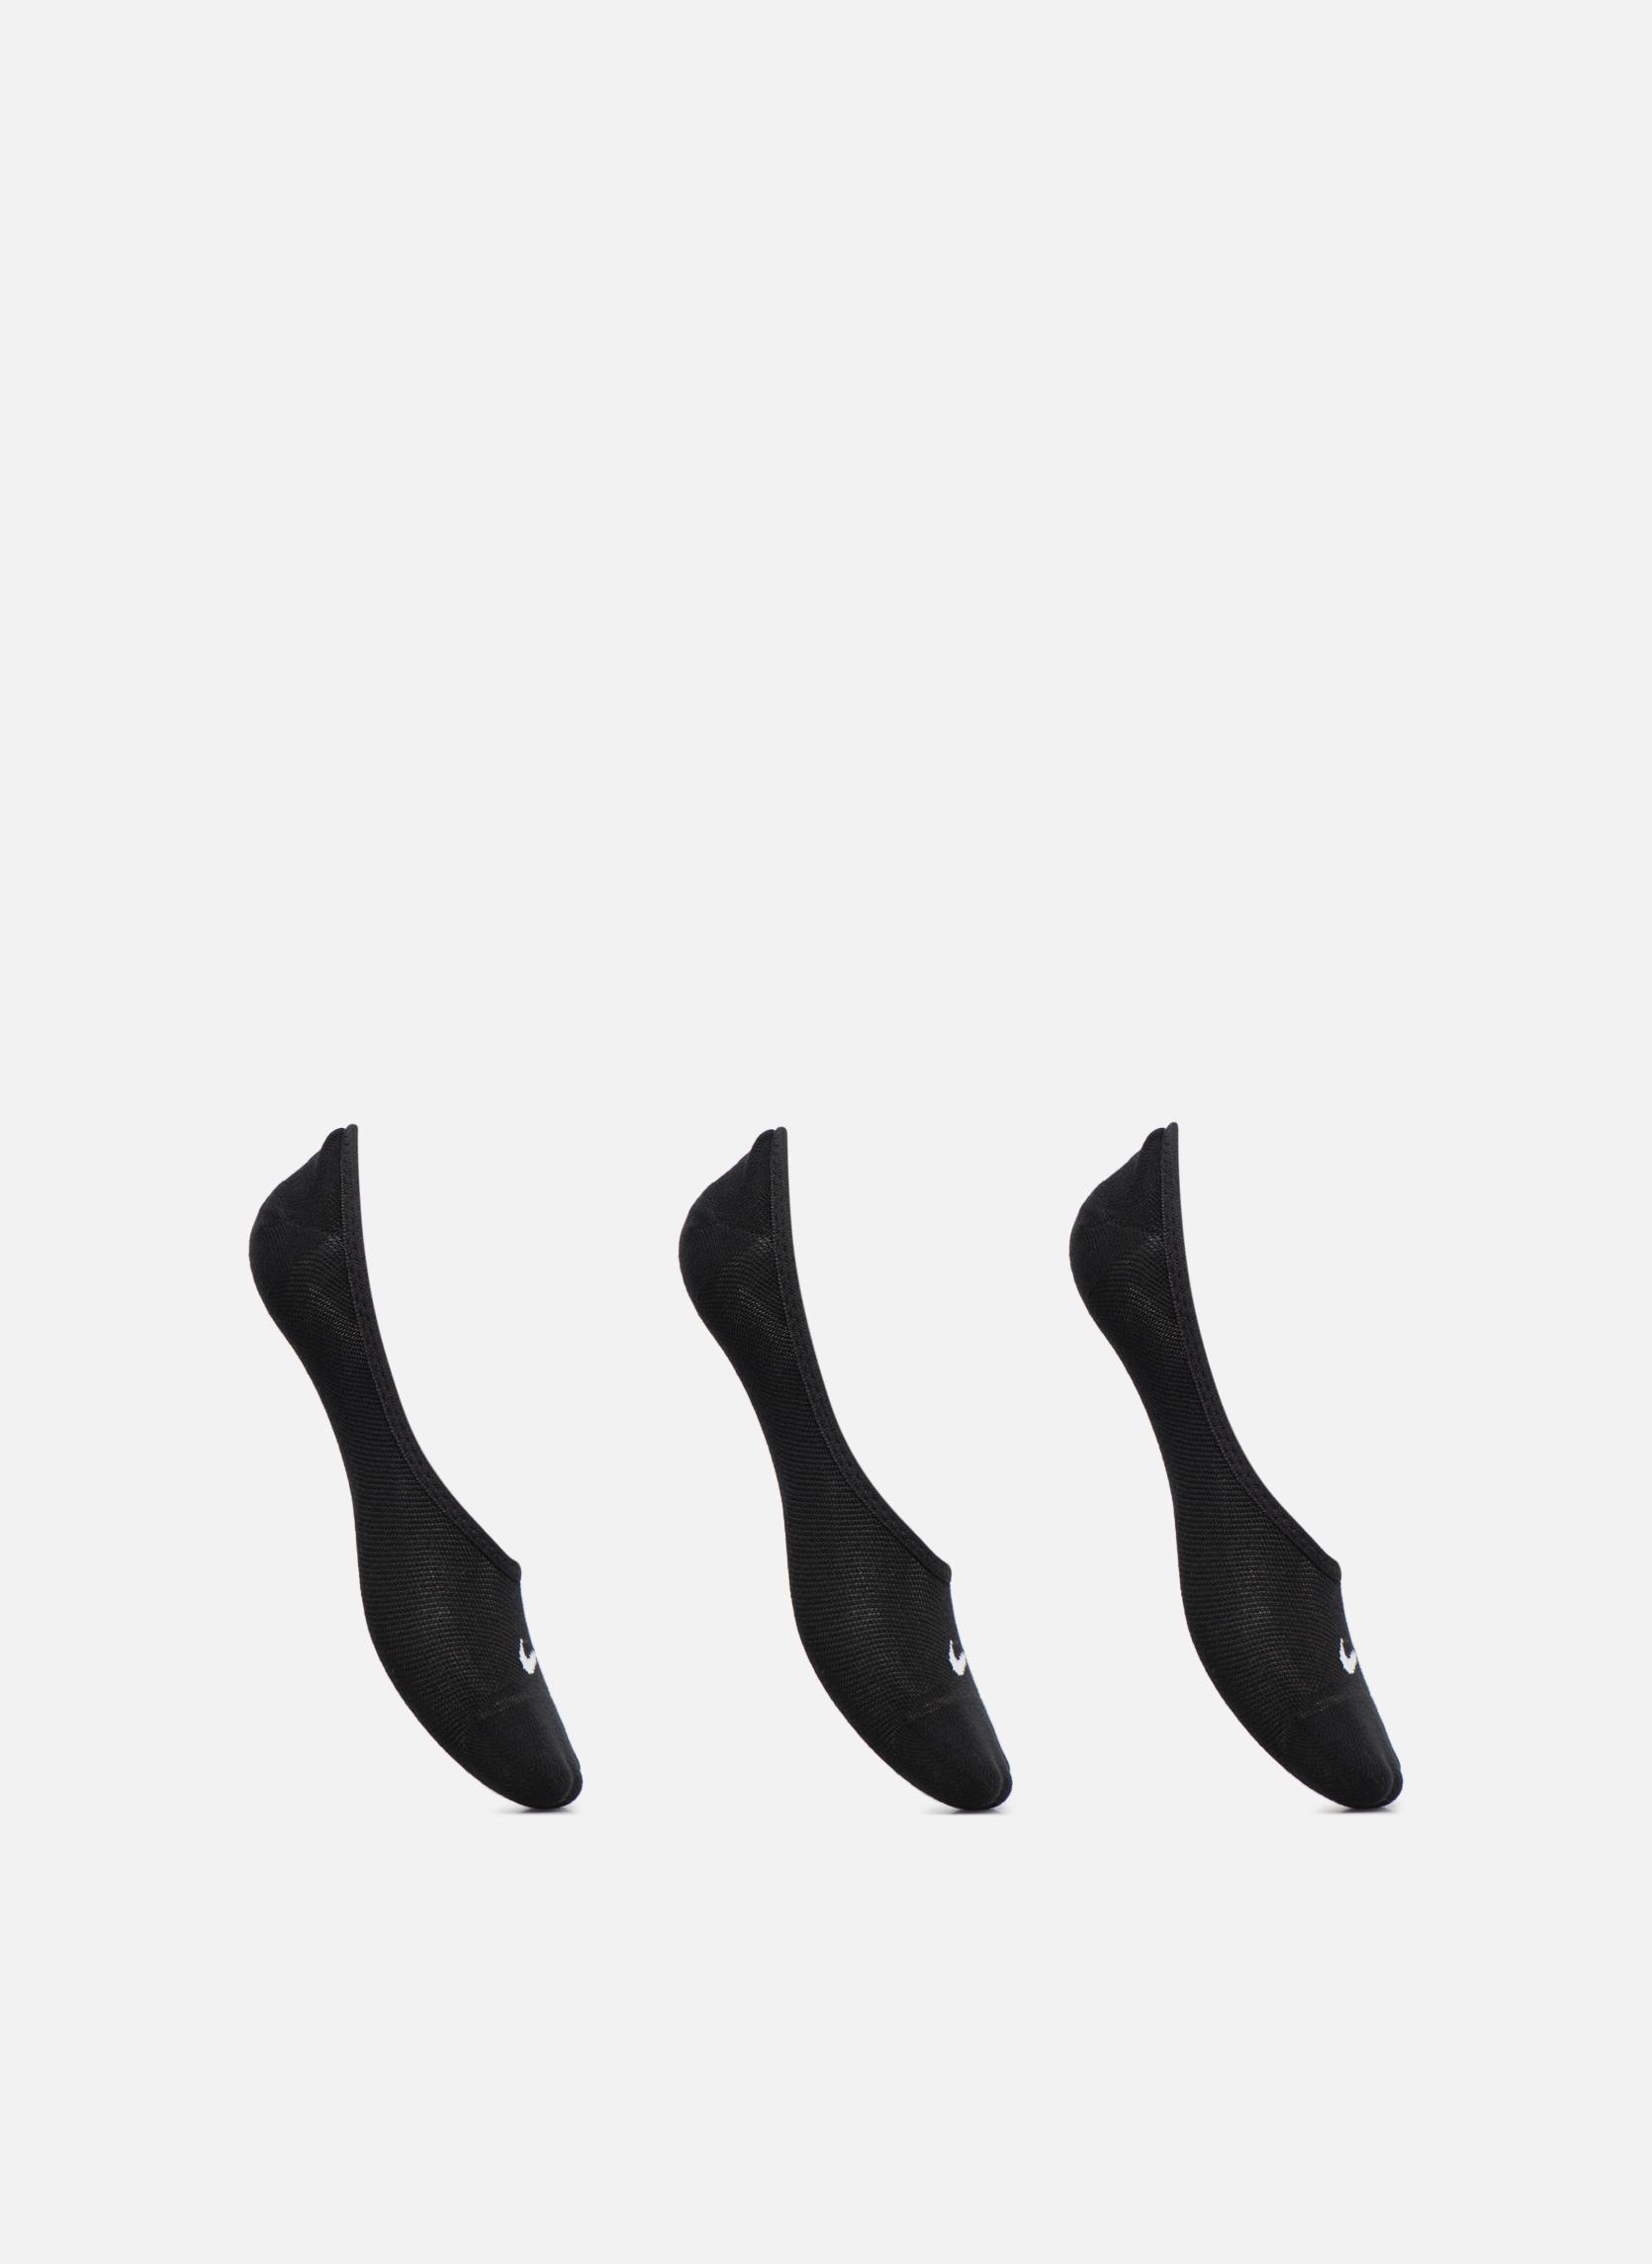 Sportsocken 3PPK WOMEN S LIGHTWEIGHT FOOTI 3er-Pack Black/white